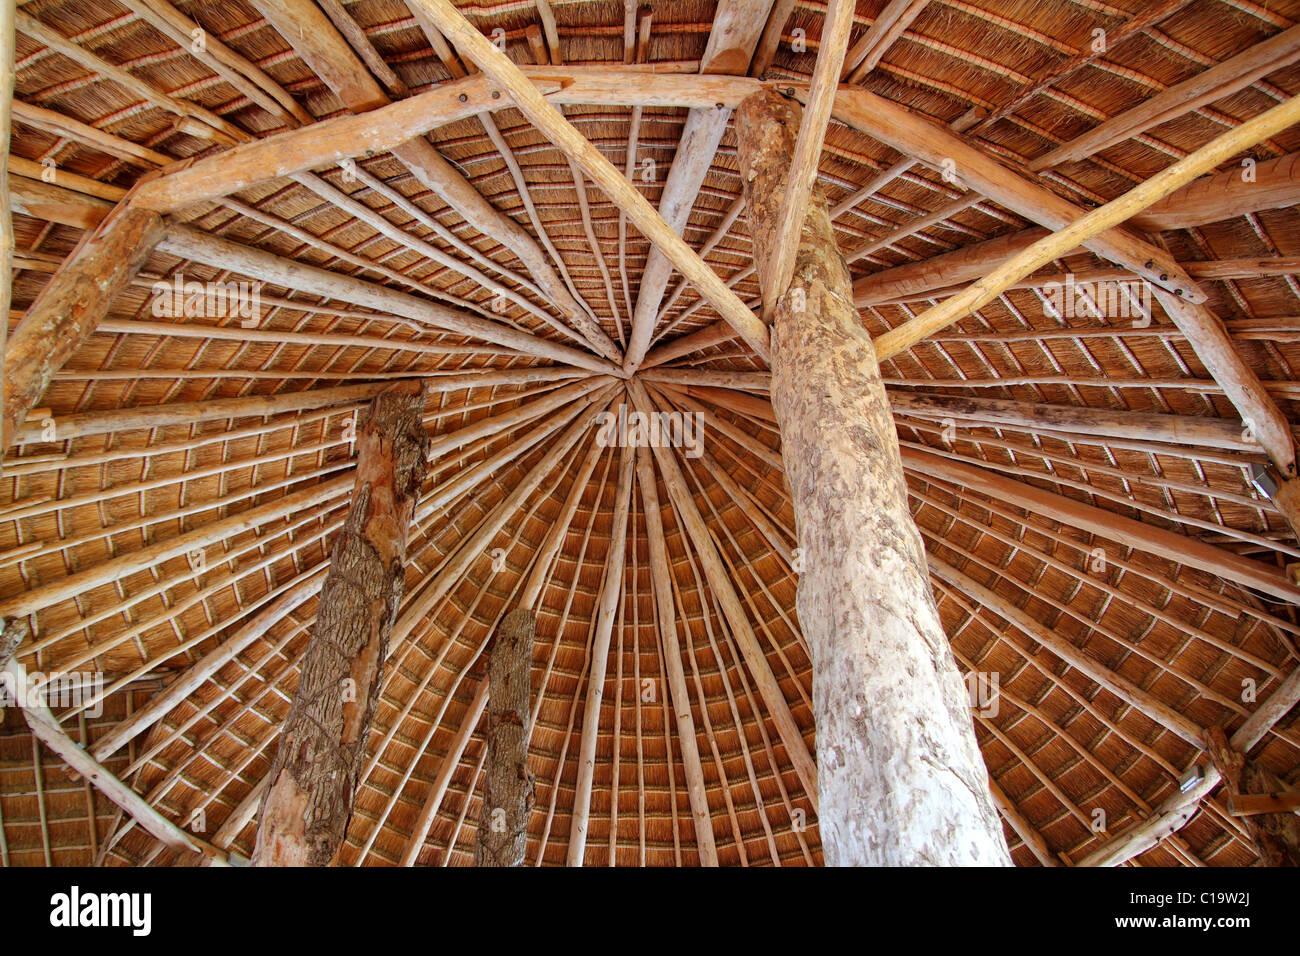 Capanna tradizionale palapa cabina tetto sun wiev from sopra l'architettura del Messico Immagini Stock